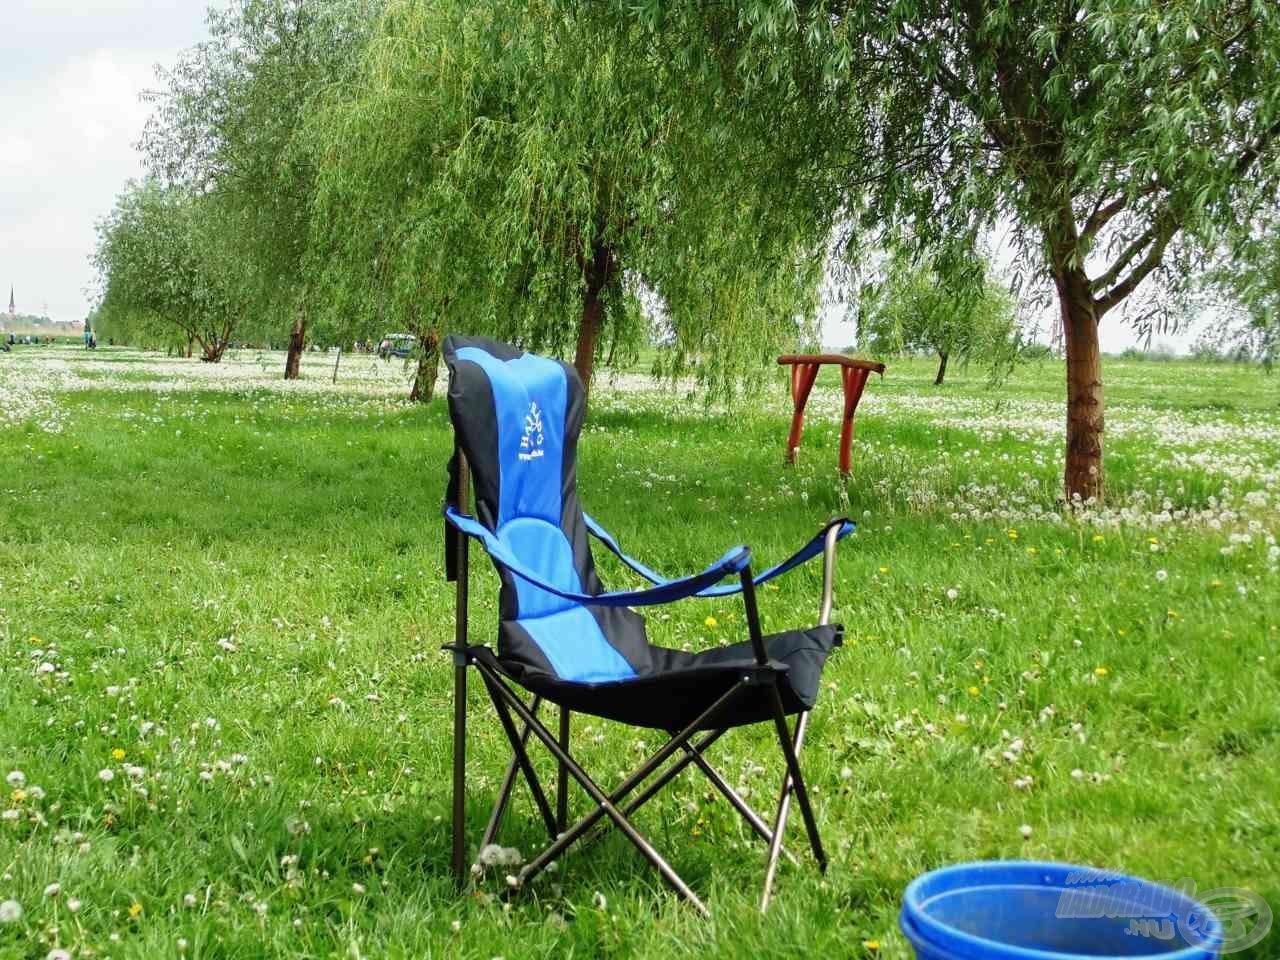 A Haldorádó Comfort plusz fotel nemcsak kényelmes, de roppant tetszetős is